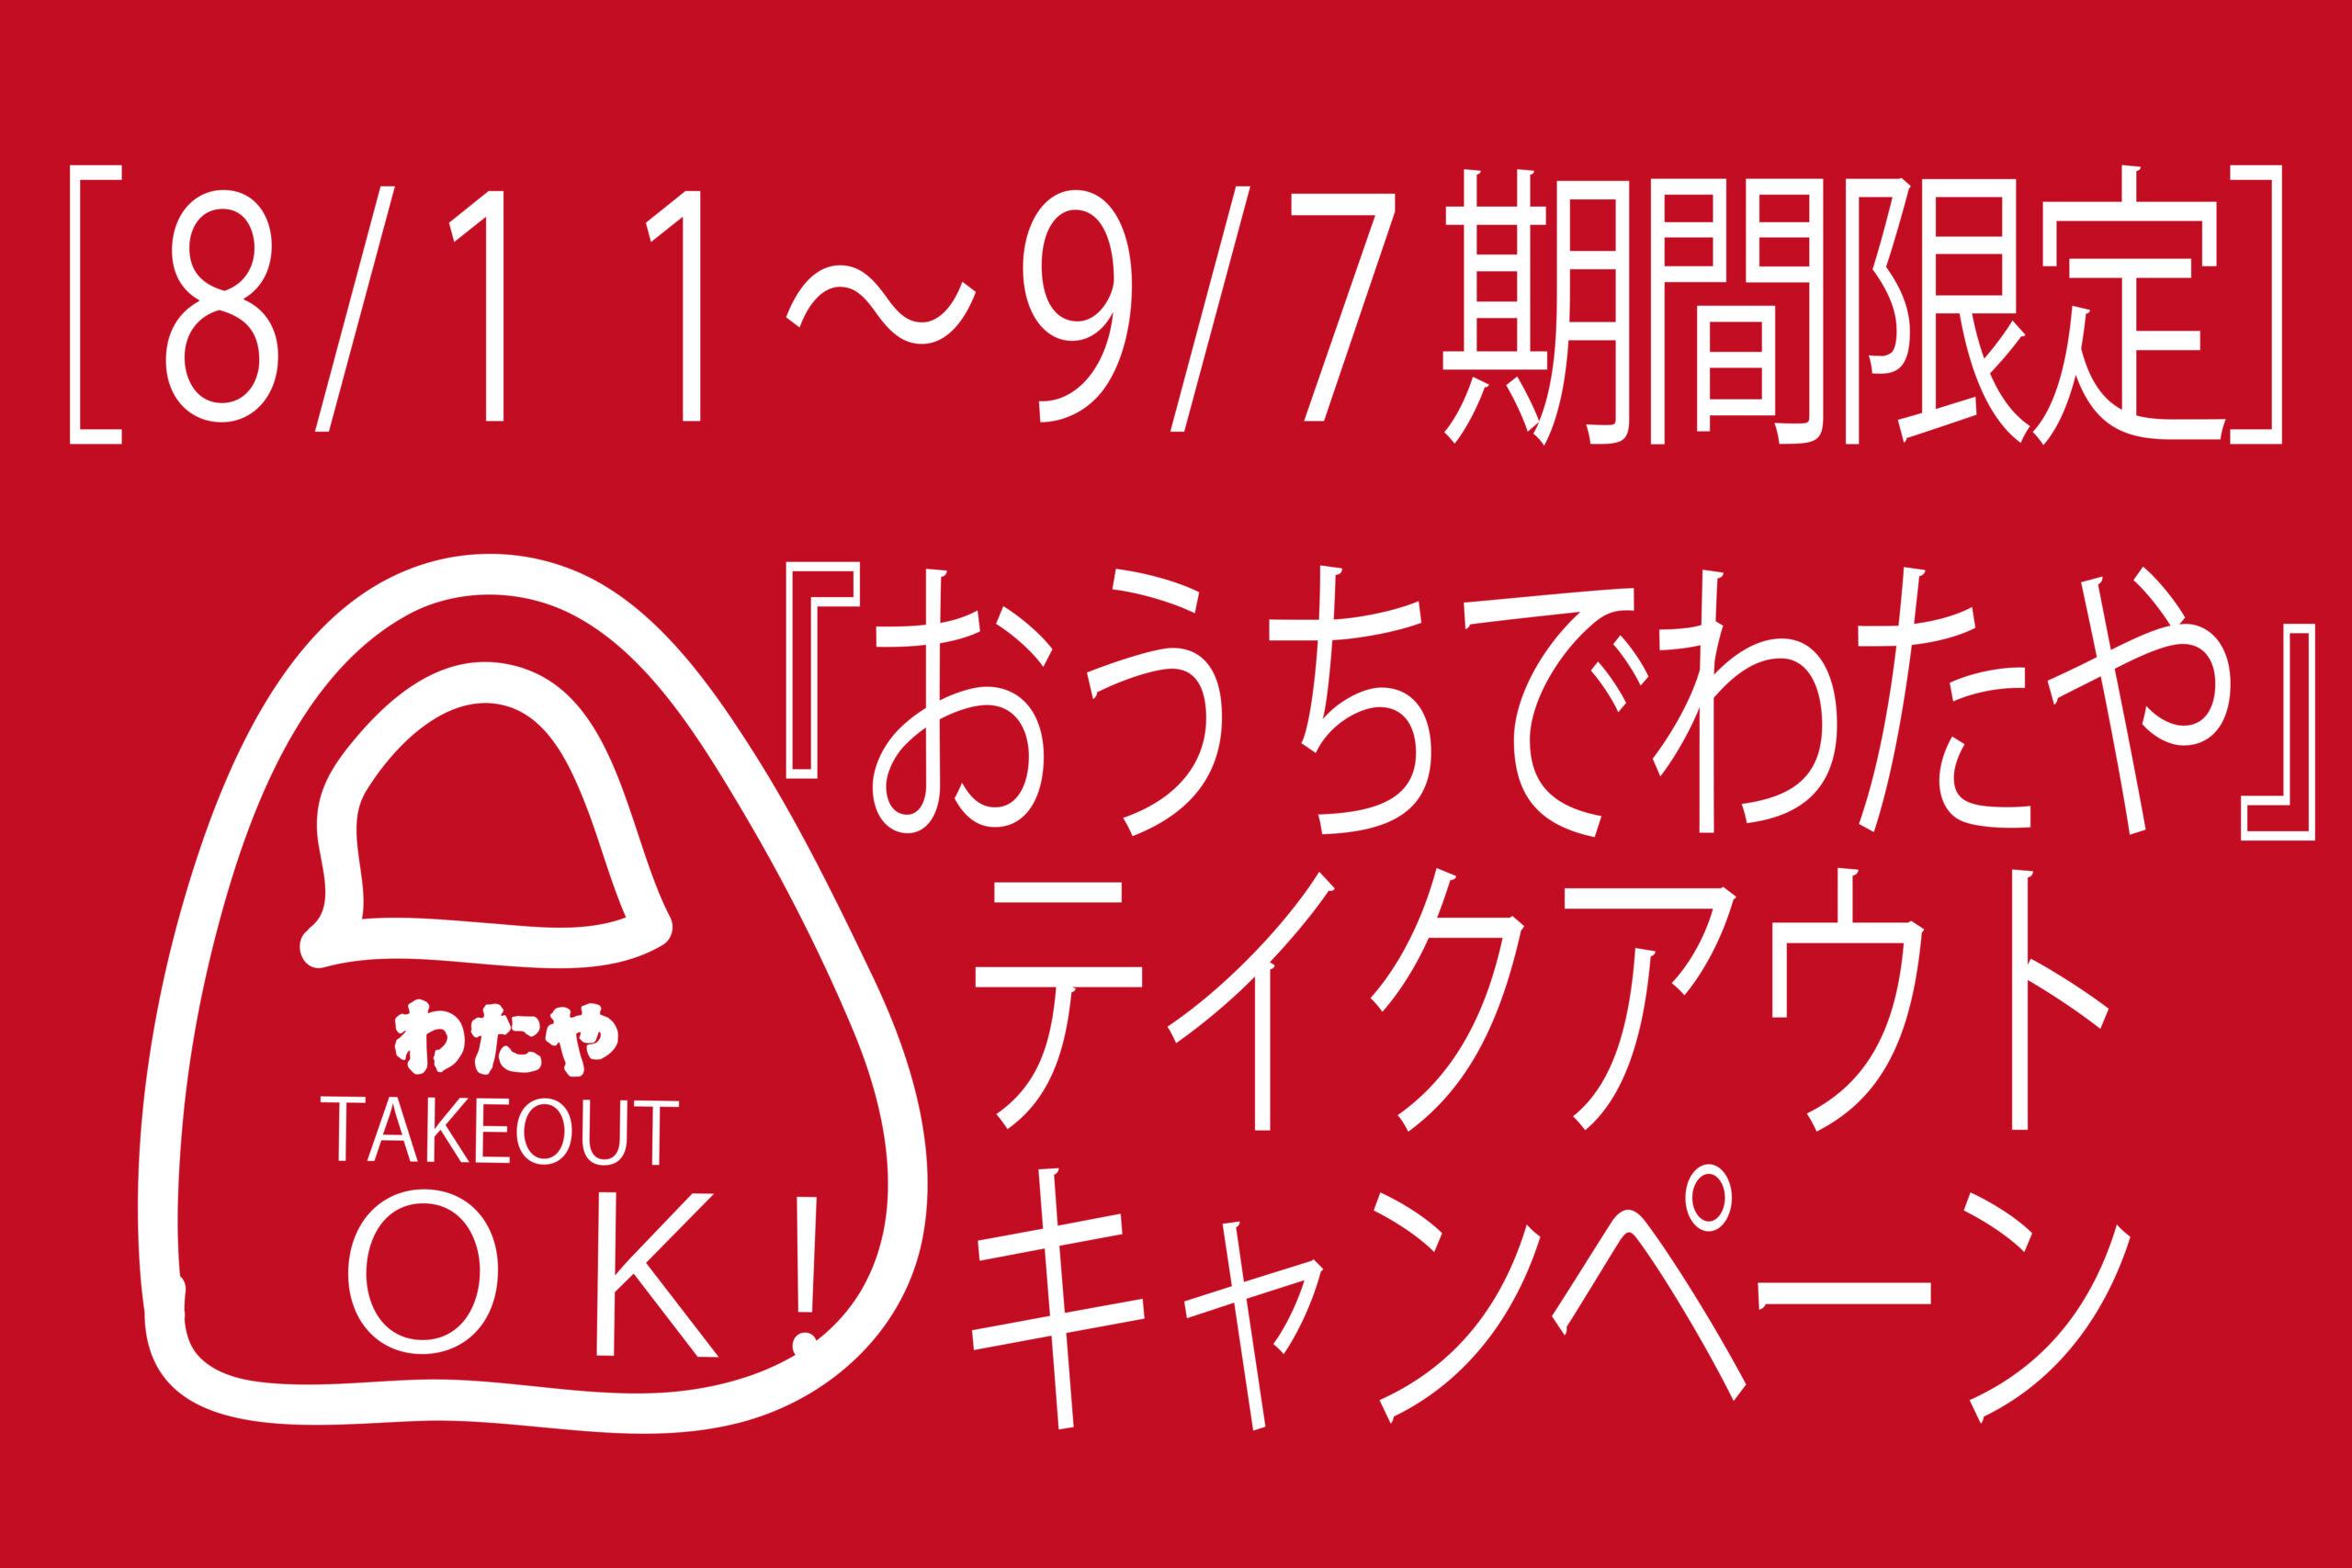 [8/11~9/7]テイクアウトキャンペーン開催!